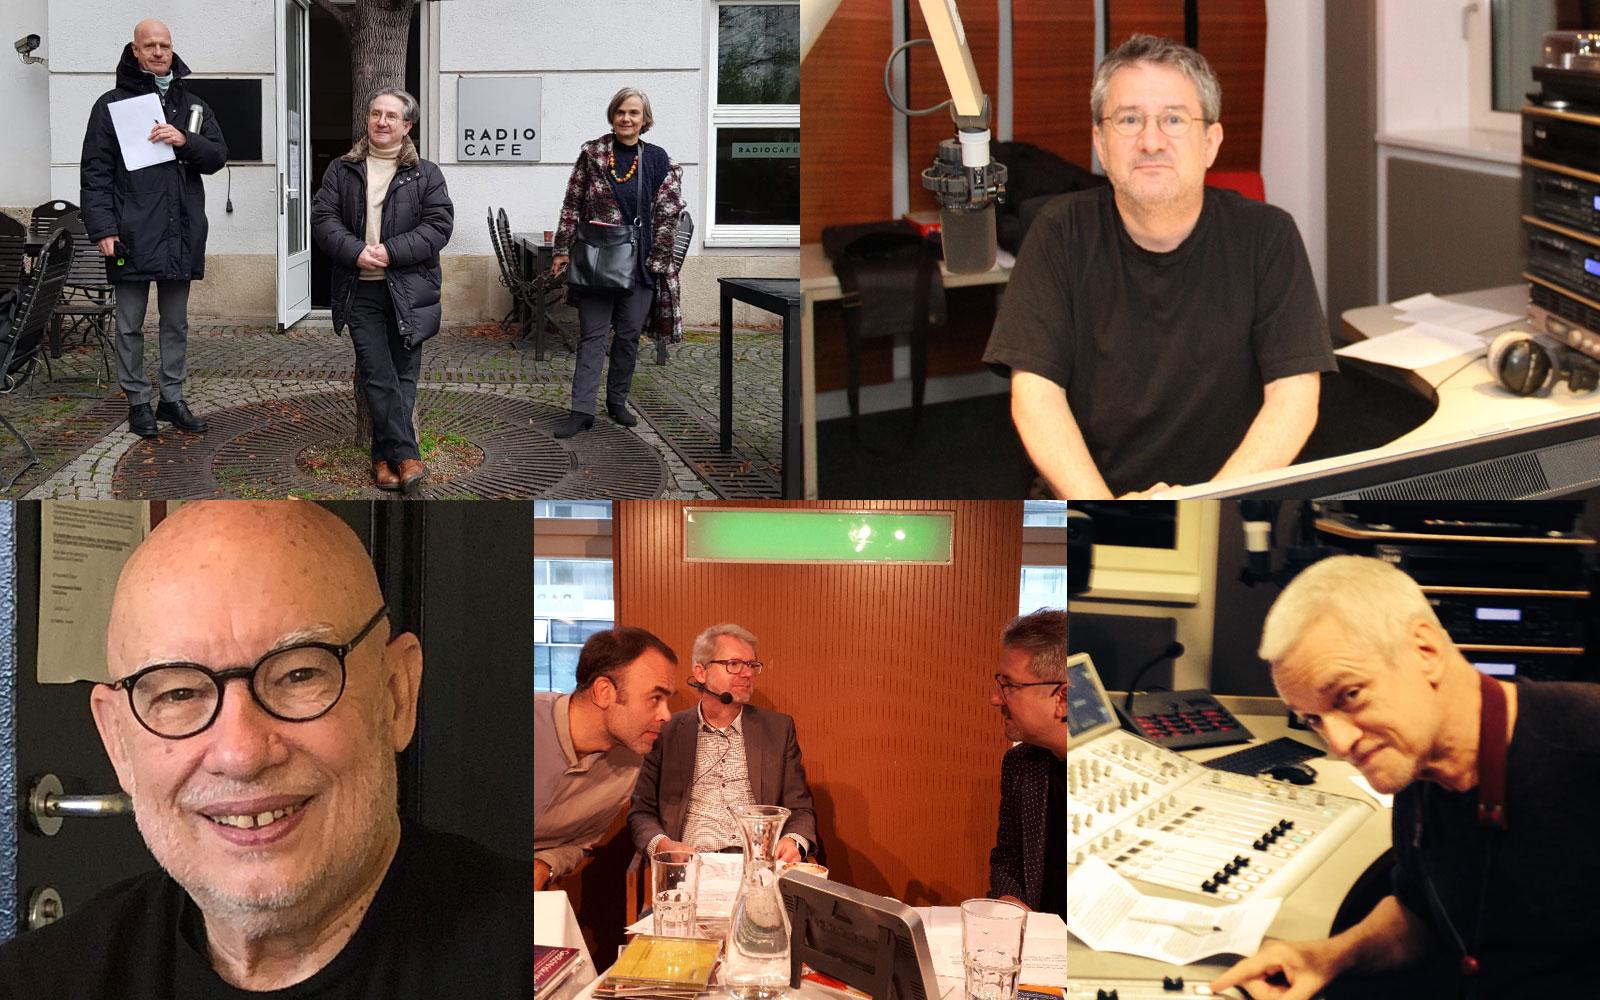 In front of the Radiocafe: Albert Hosp, Helmut Jasbar, Renate Burtscher, Dennis Russell Davies, Helmut Jasbar with Gerhard Sammer and Klex Wolf, Wolfgang Puschnig